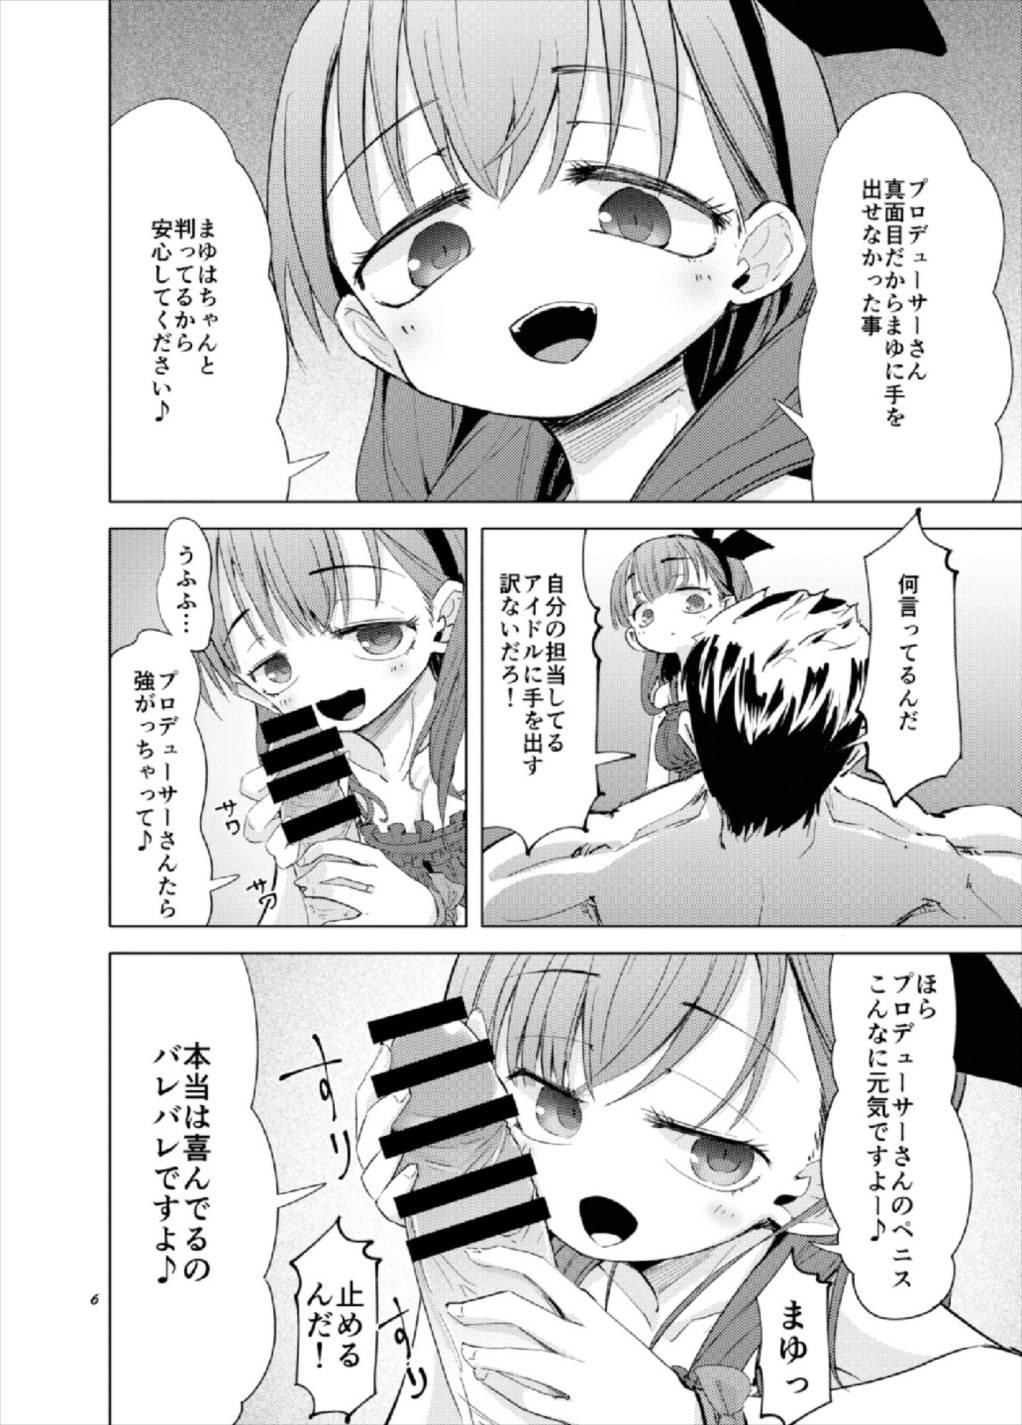 Gaman Dekinakatta Sakuma Mayu ga Majimena P o Kousoku Shite Gyakure Suru Hanashi 5